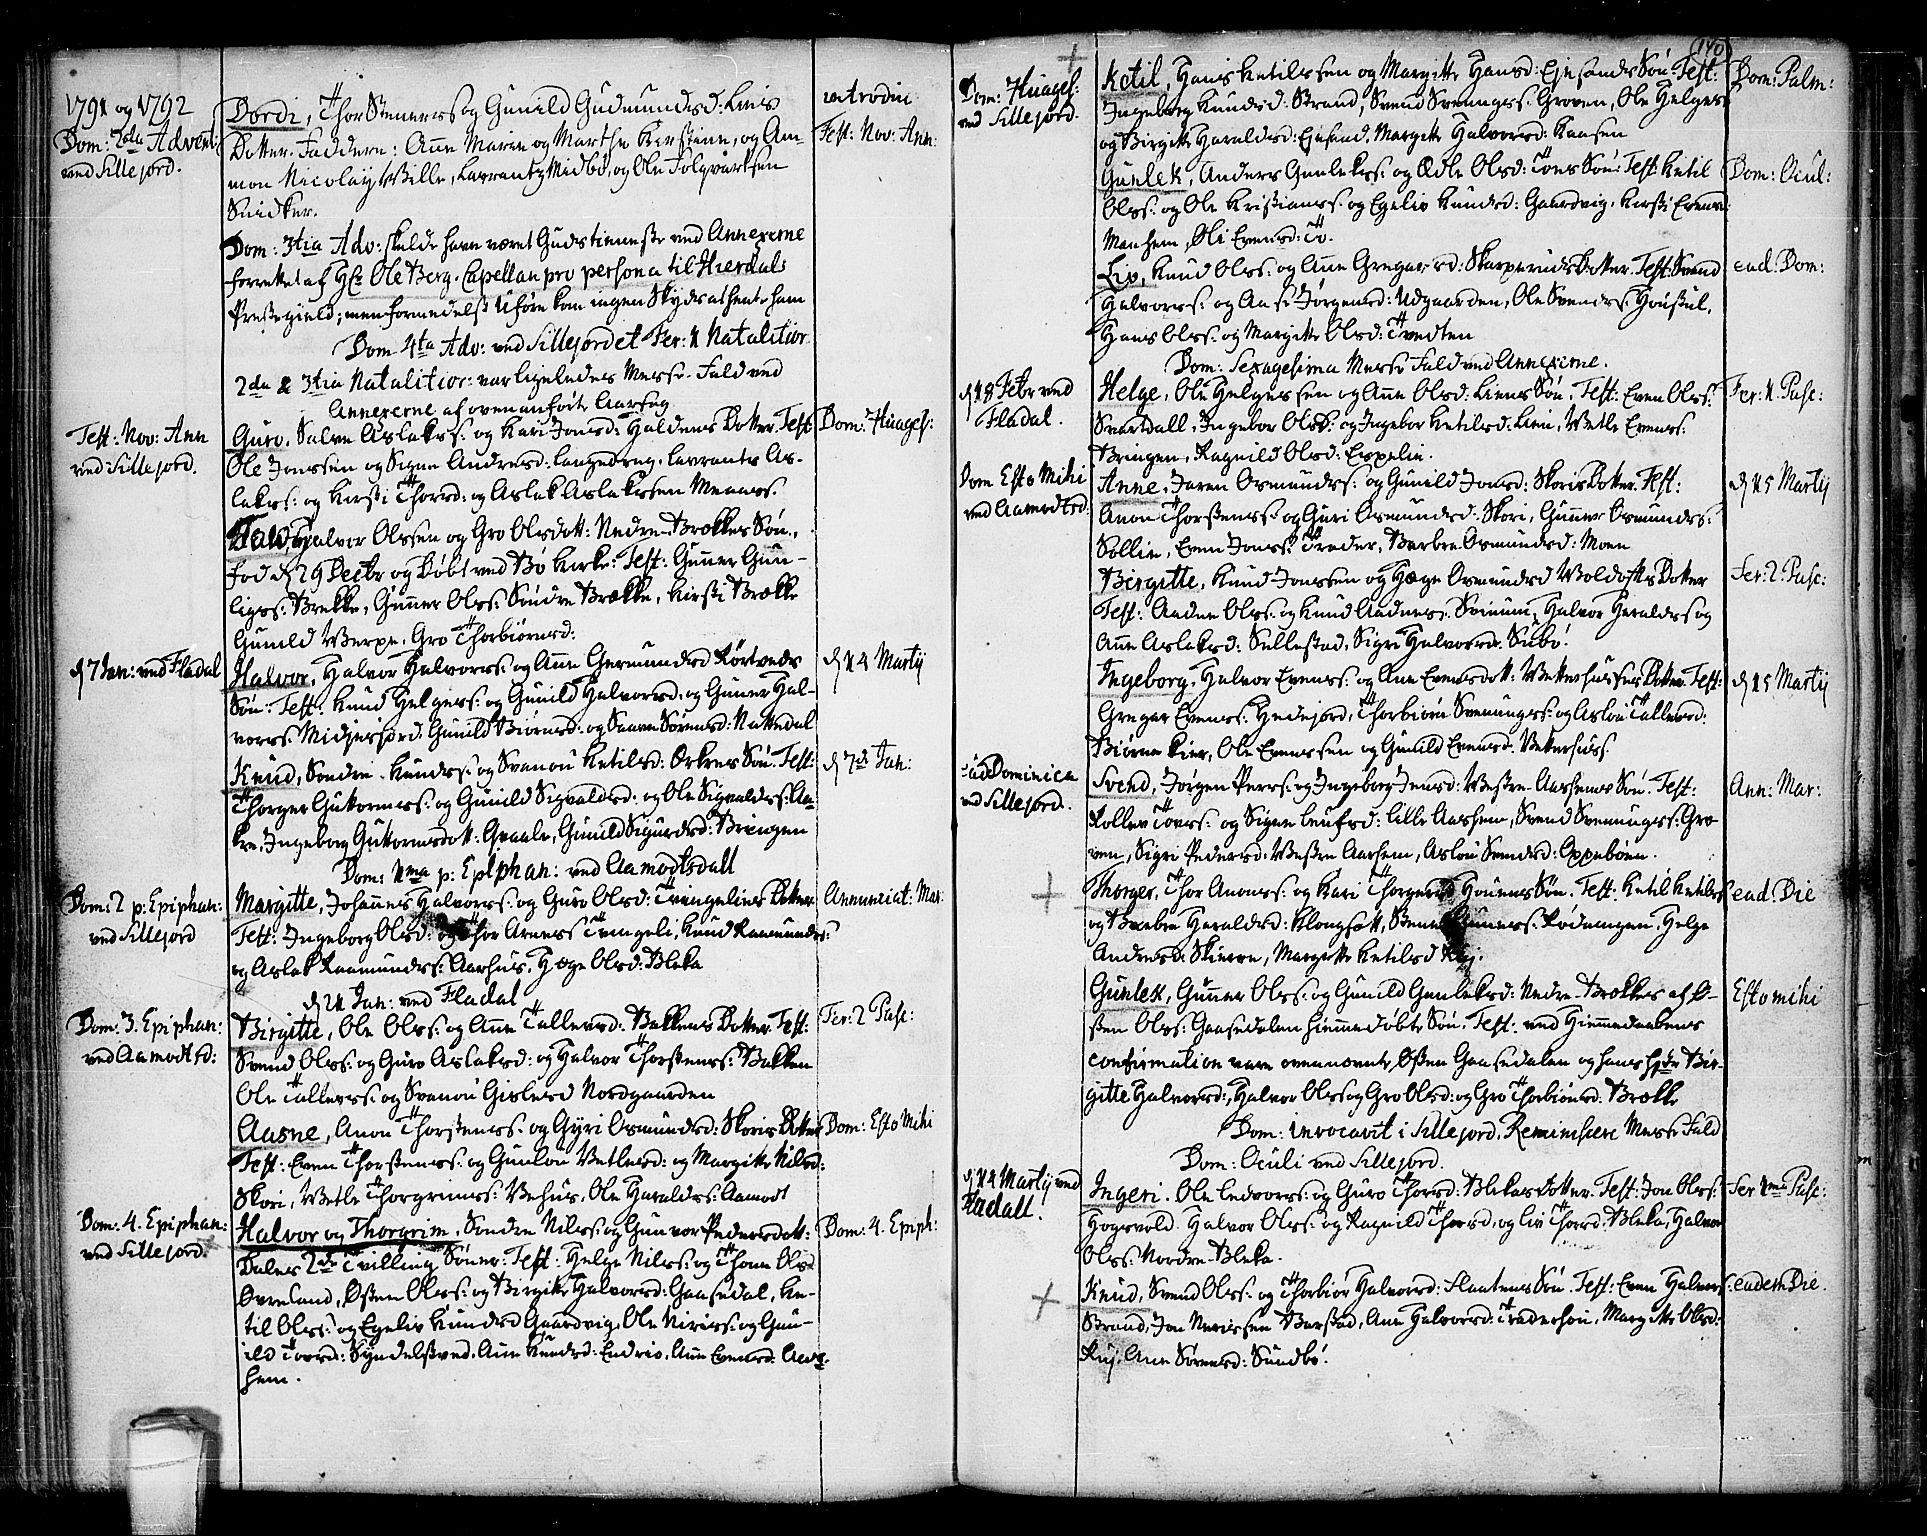 SAKO, Seljord kirkebøker, F/Fa/L0007: Ministerialbok nr. I 7, 1755-1800, s. 140